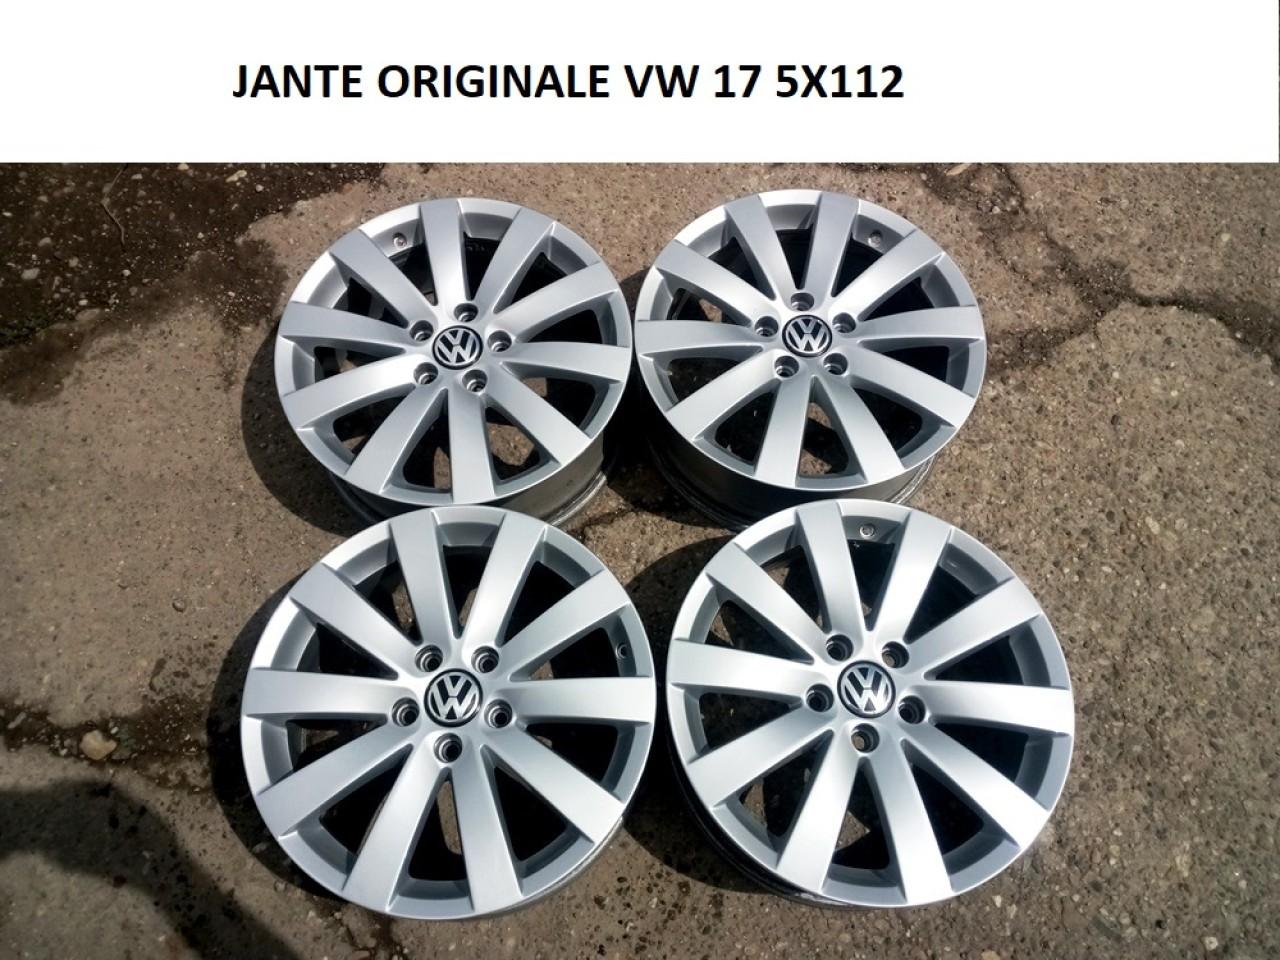 JANTE ORIGINALE VW 17 5X112